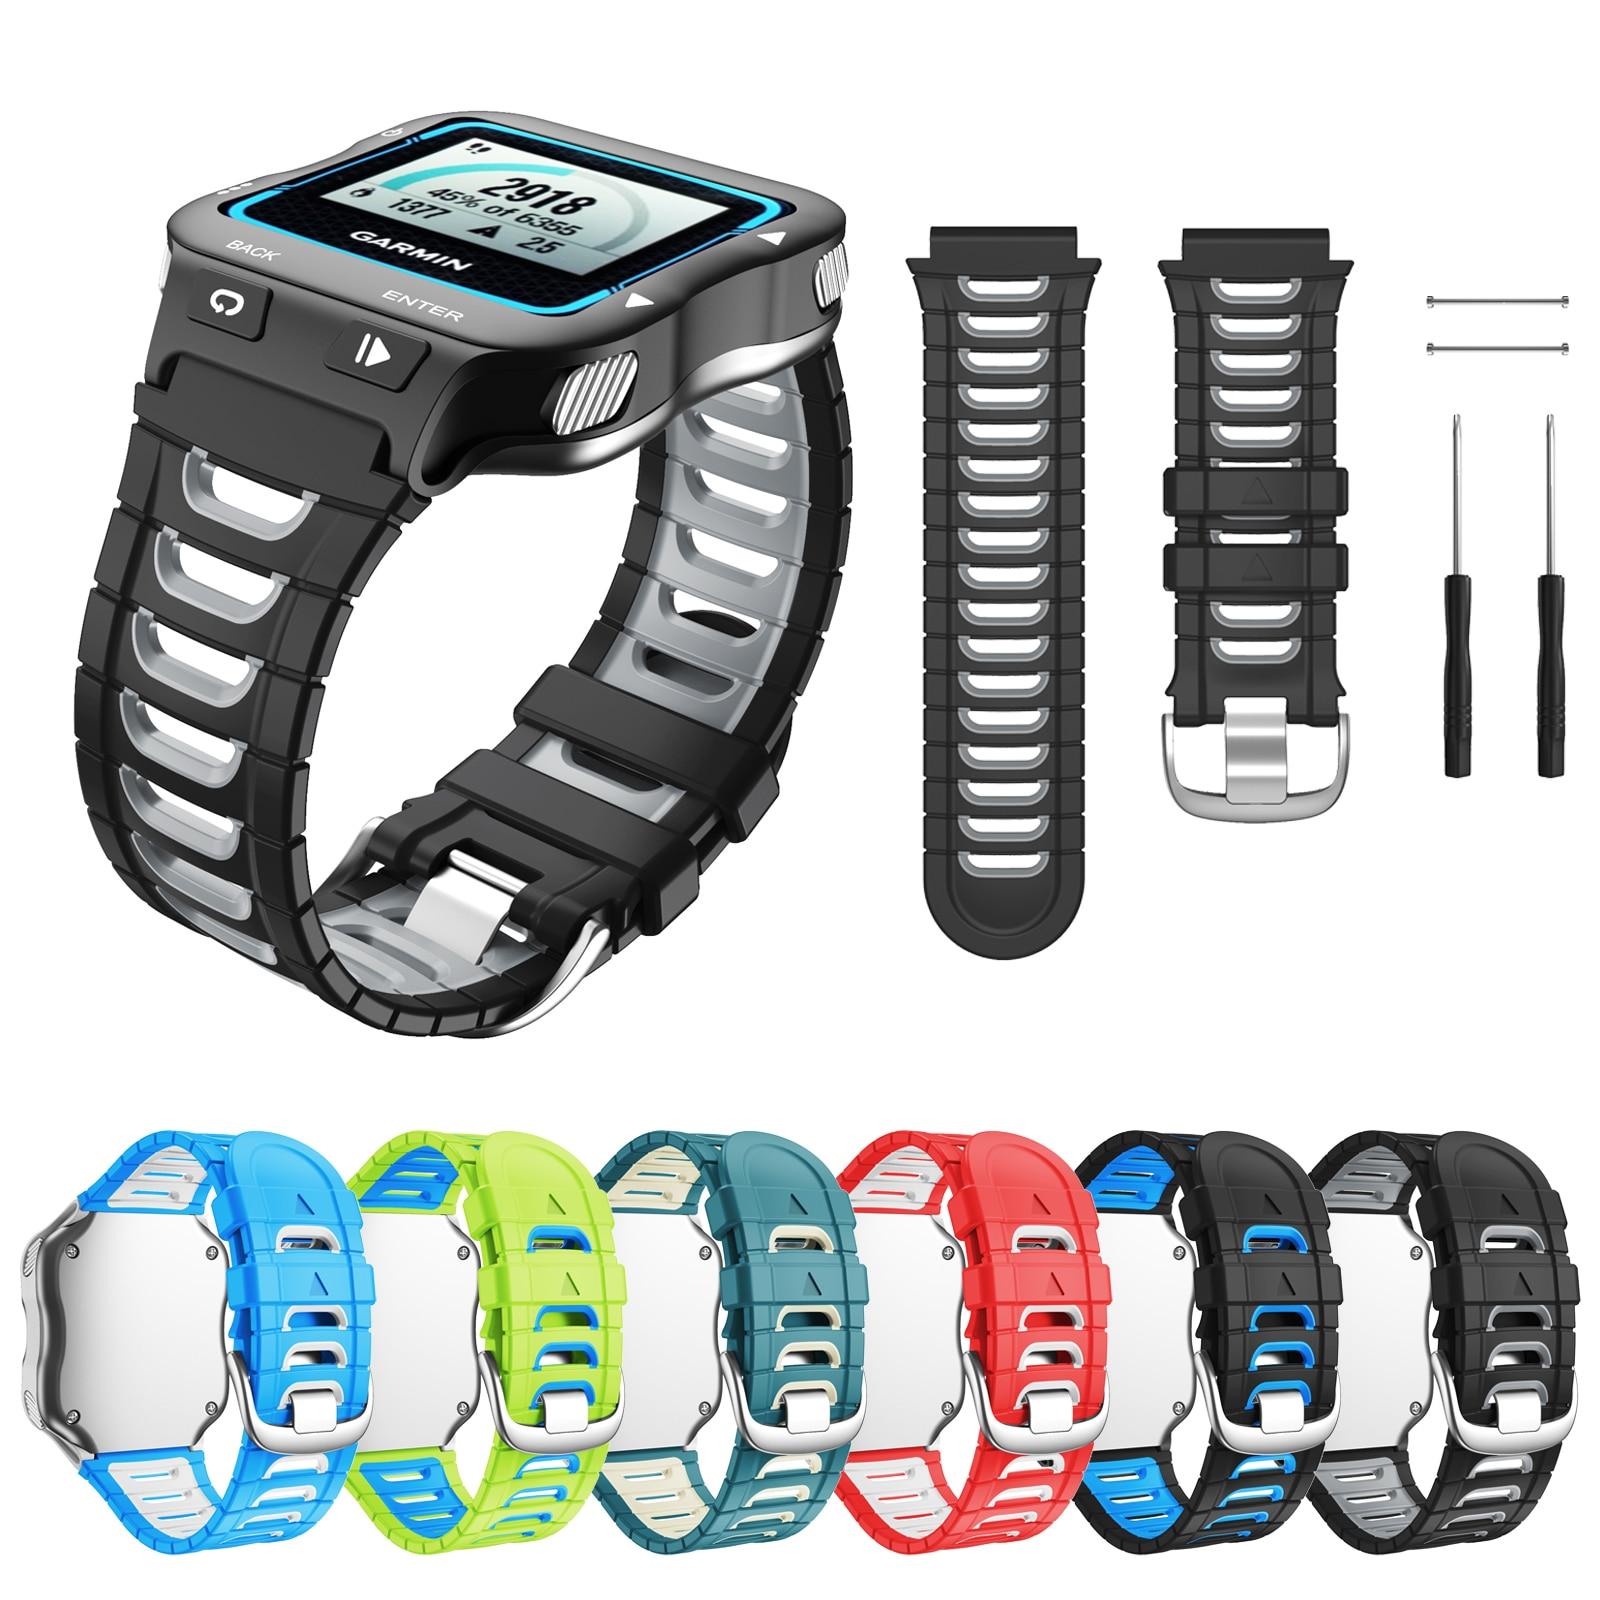 anbest-силиконовый-ремешок-для-часов-garmin-forerunner-920xt-цветной-сменный-Браслет-тренировочный-спортивный-браслет